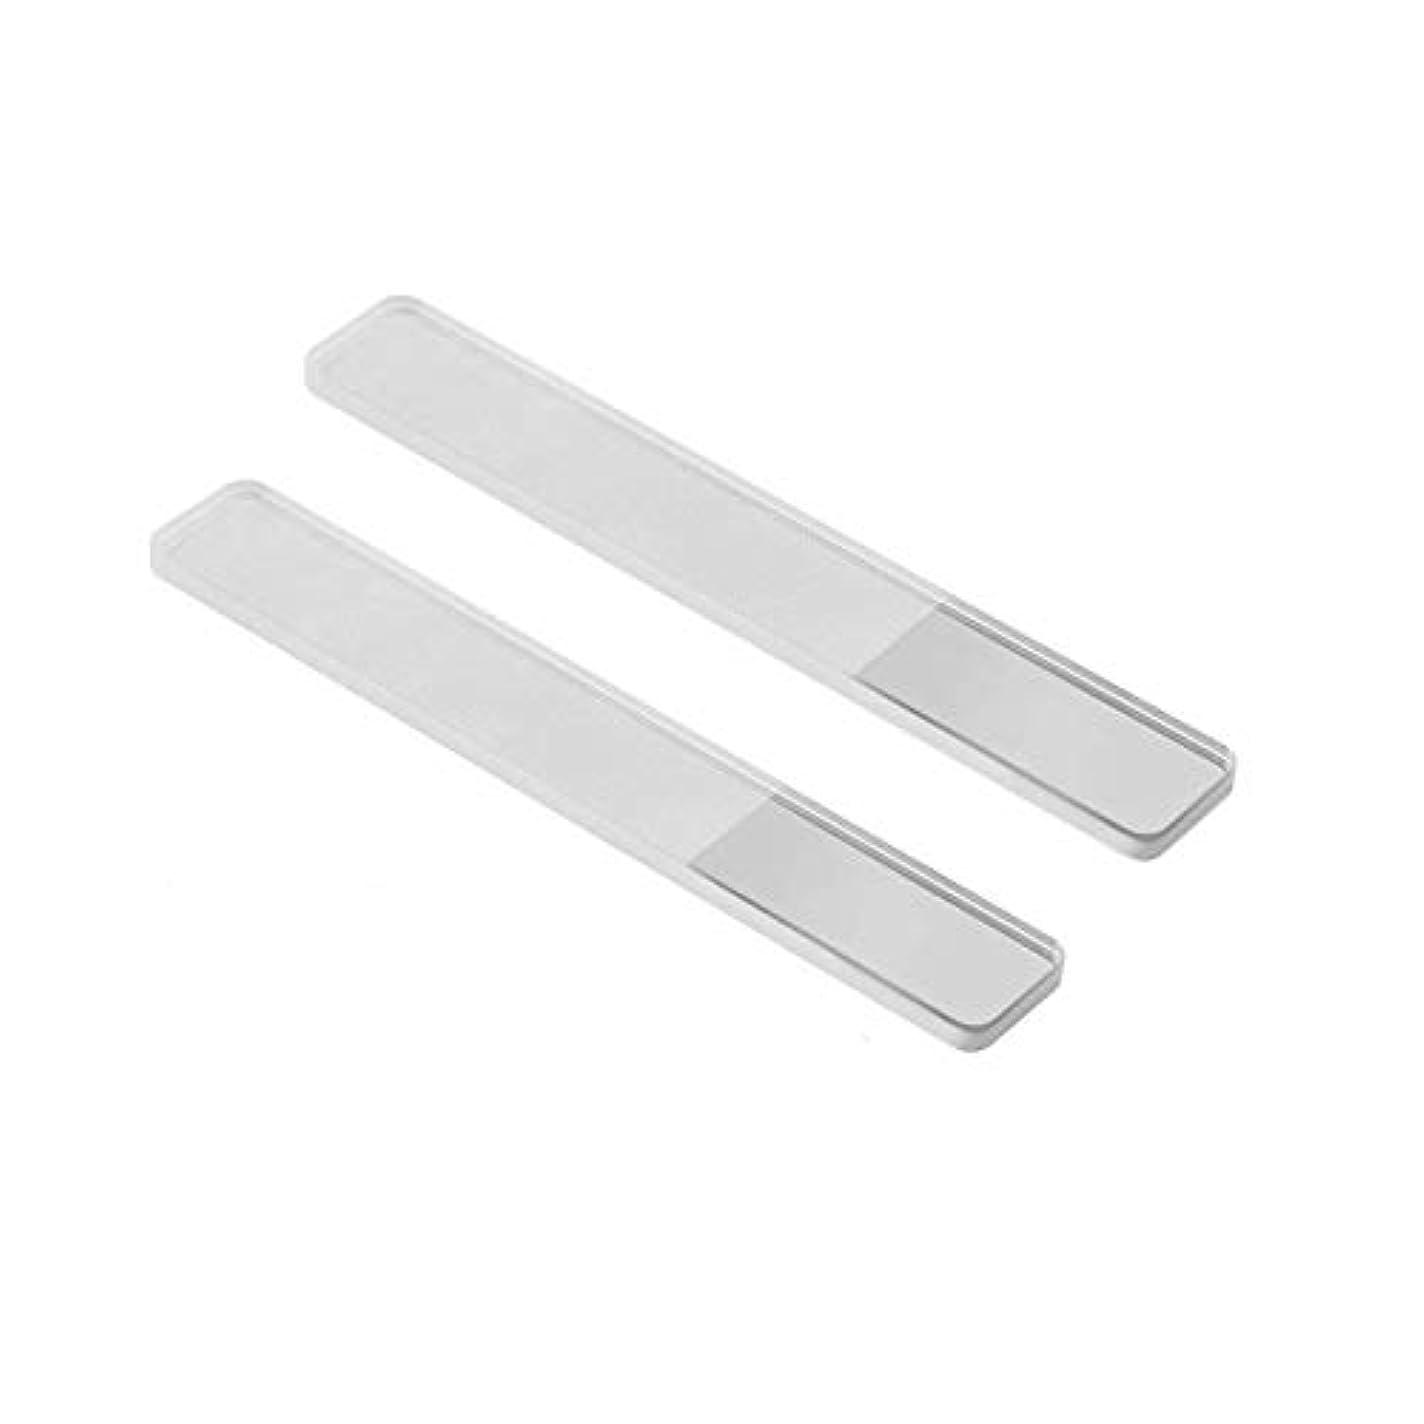 ミケランジェロ噴水サービス2個入 高品質 爪磨き 爪やすり ガラス ネイルシャイナー ピカピカ ネイルケア 甘皮処理 携帯便利